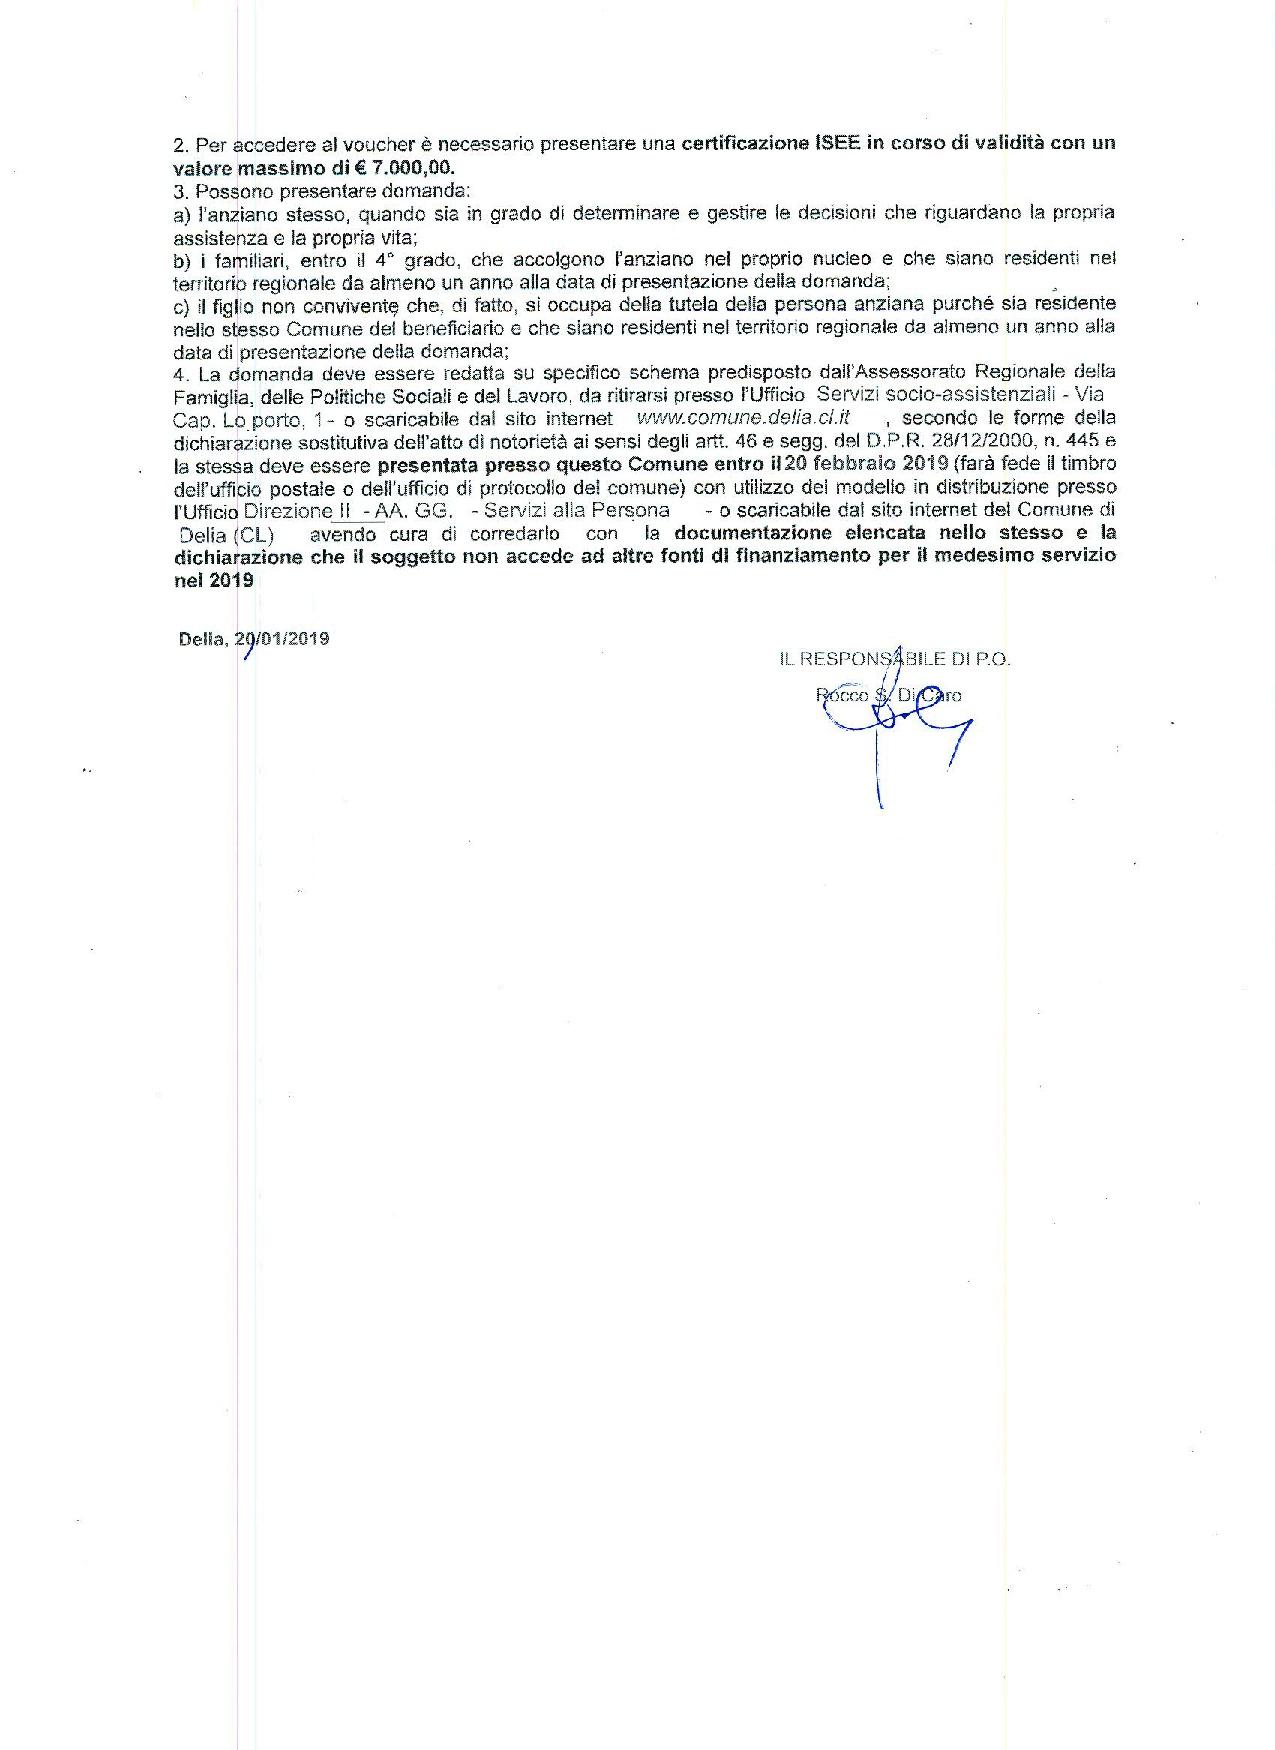 Documento0-002